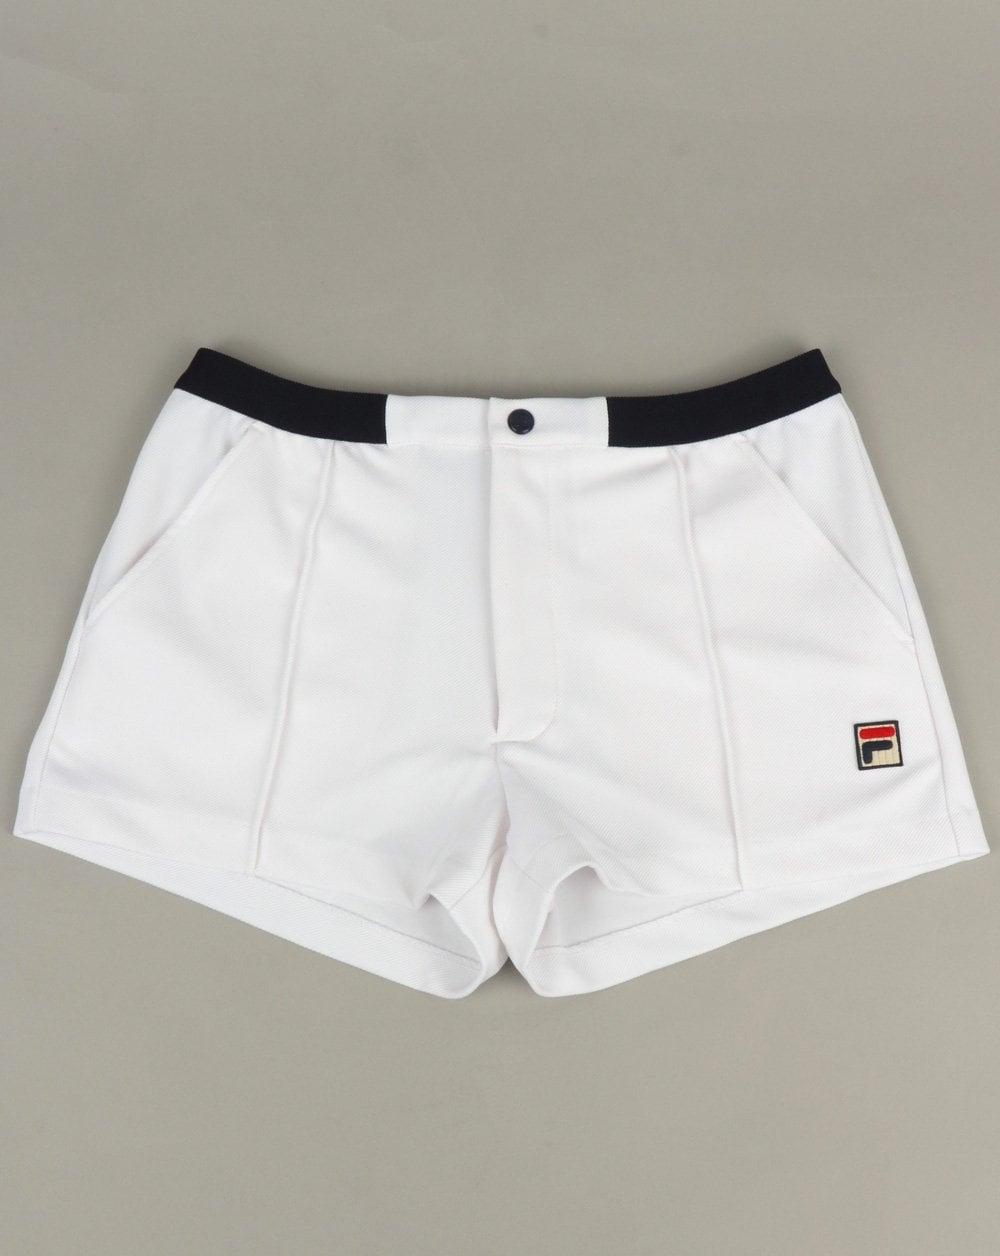 Fila Vintage Botazzi Shorts